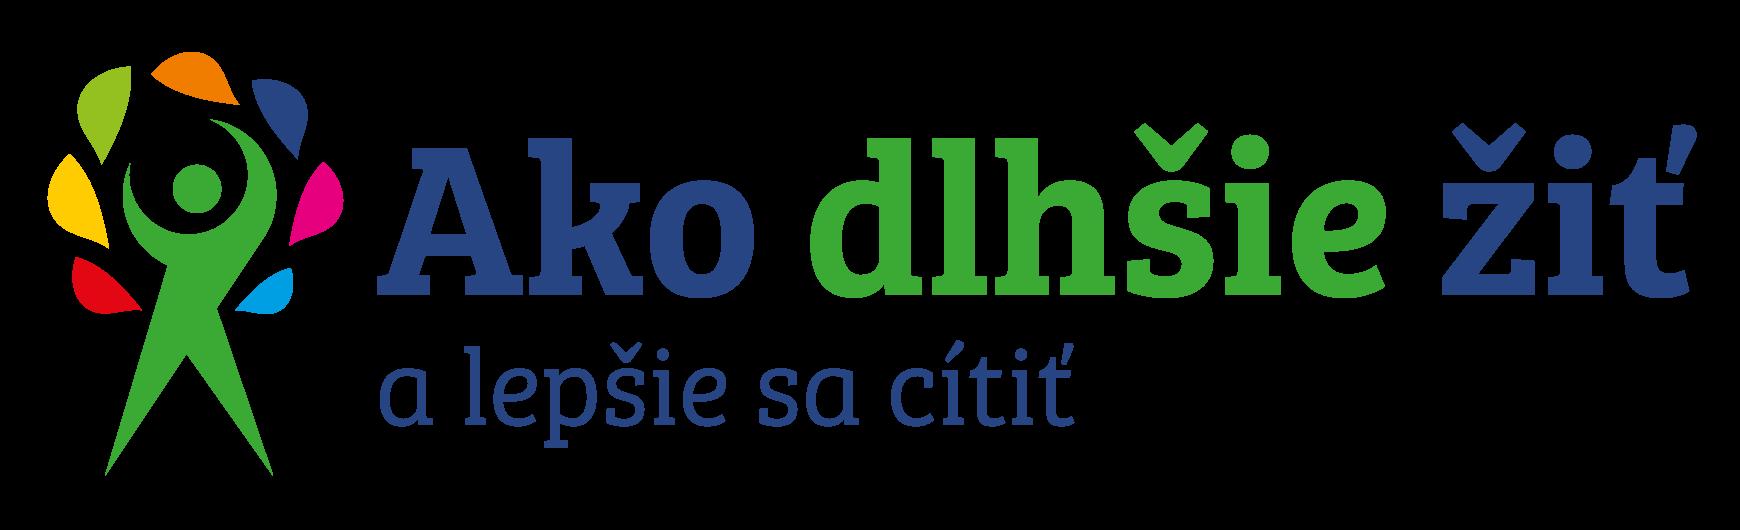 Akodlhsiezit.sk